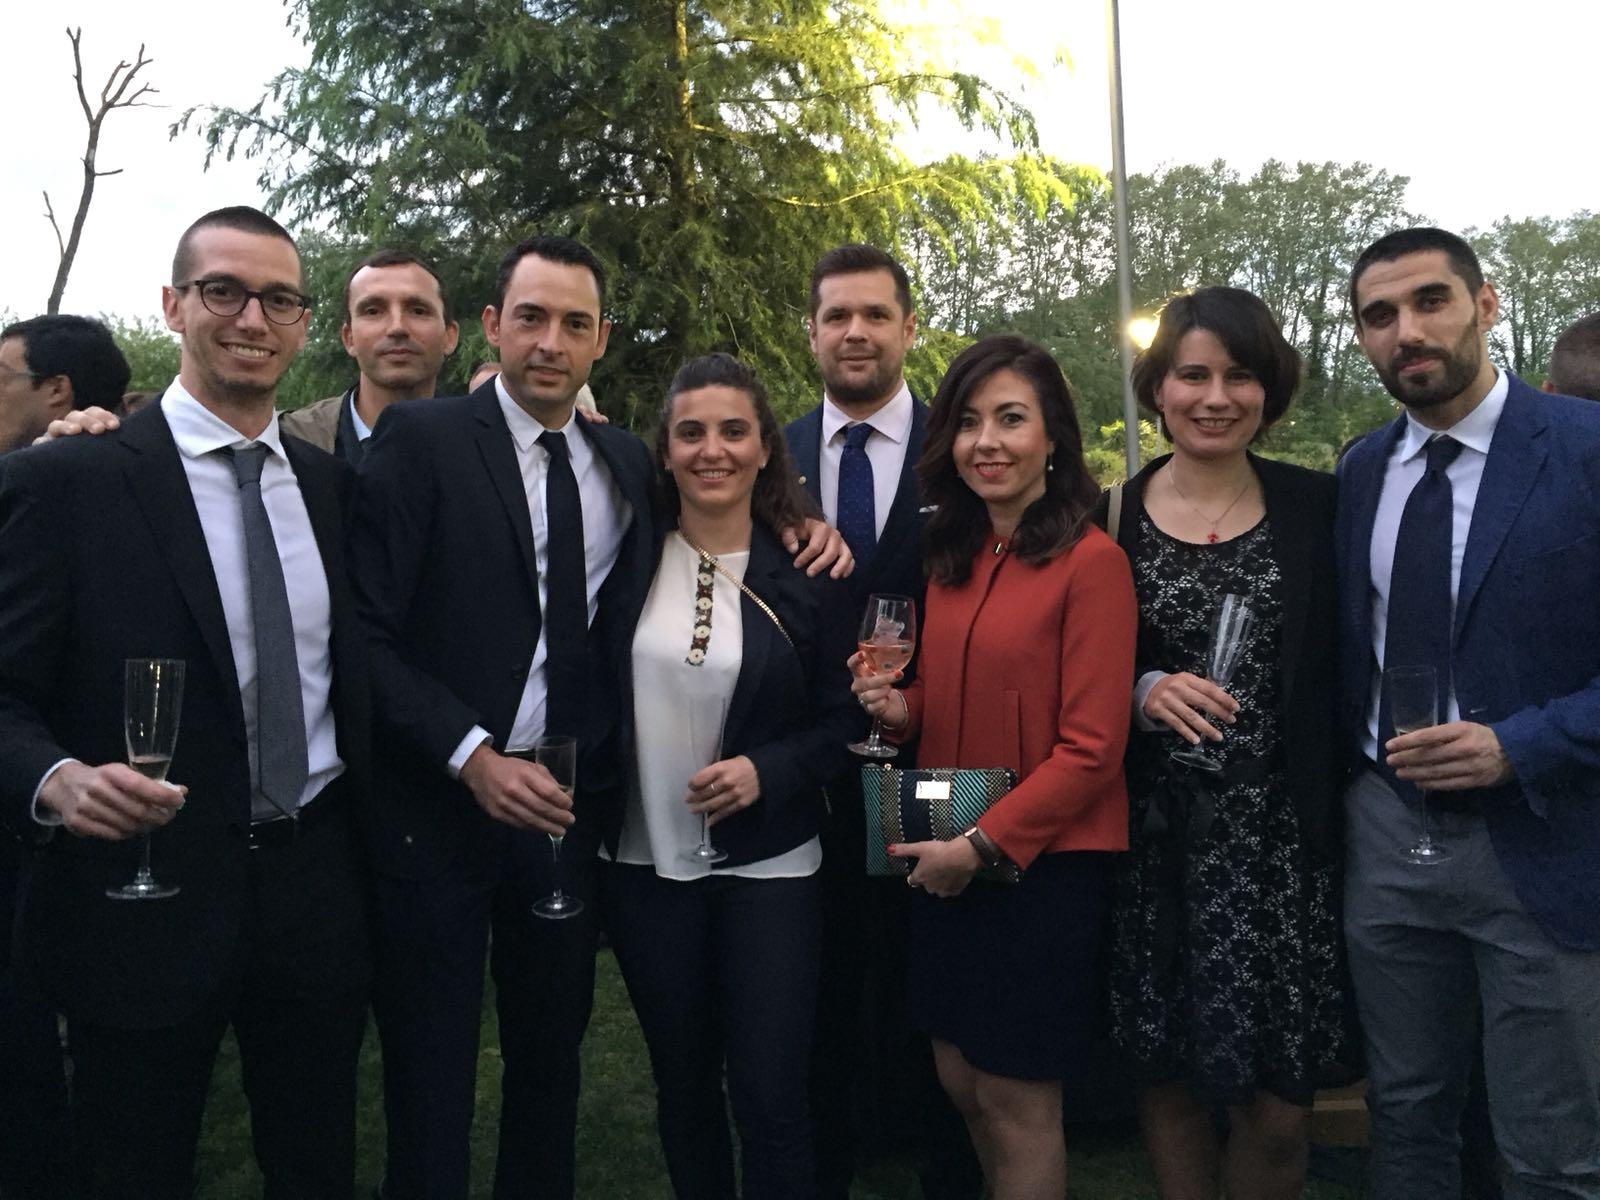 L'Escola Universitària de la Salut i l'Esport col·labora en el sopar benèfic de la Fundació Els Joncs de Sarrià de Ter